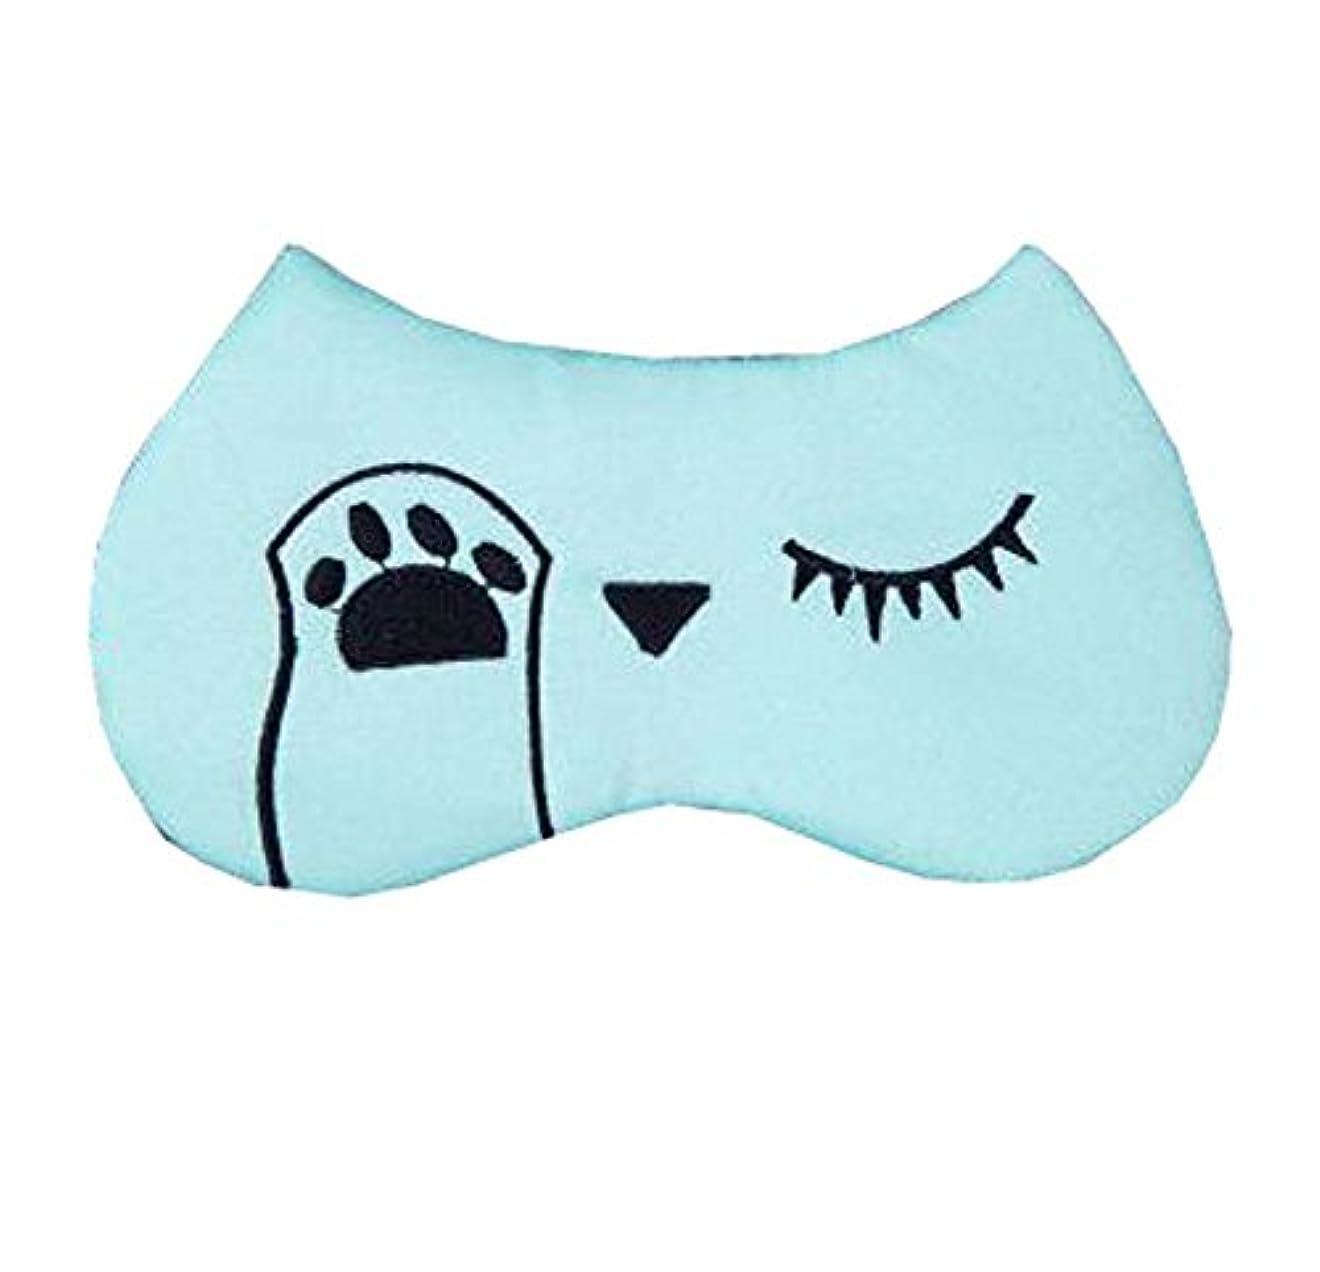 しょっぱい活力エコーおかしい目のパターンアイマスクトラベルアイマスク睡眠マスク、ブルー